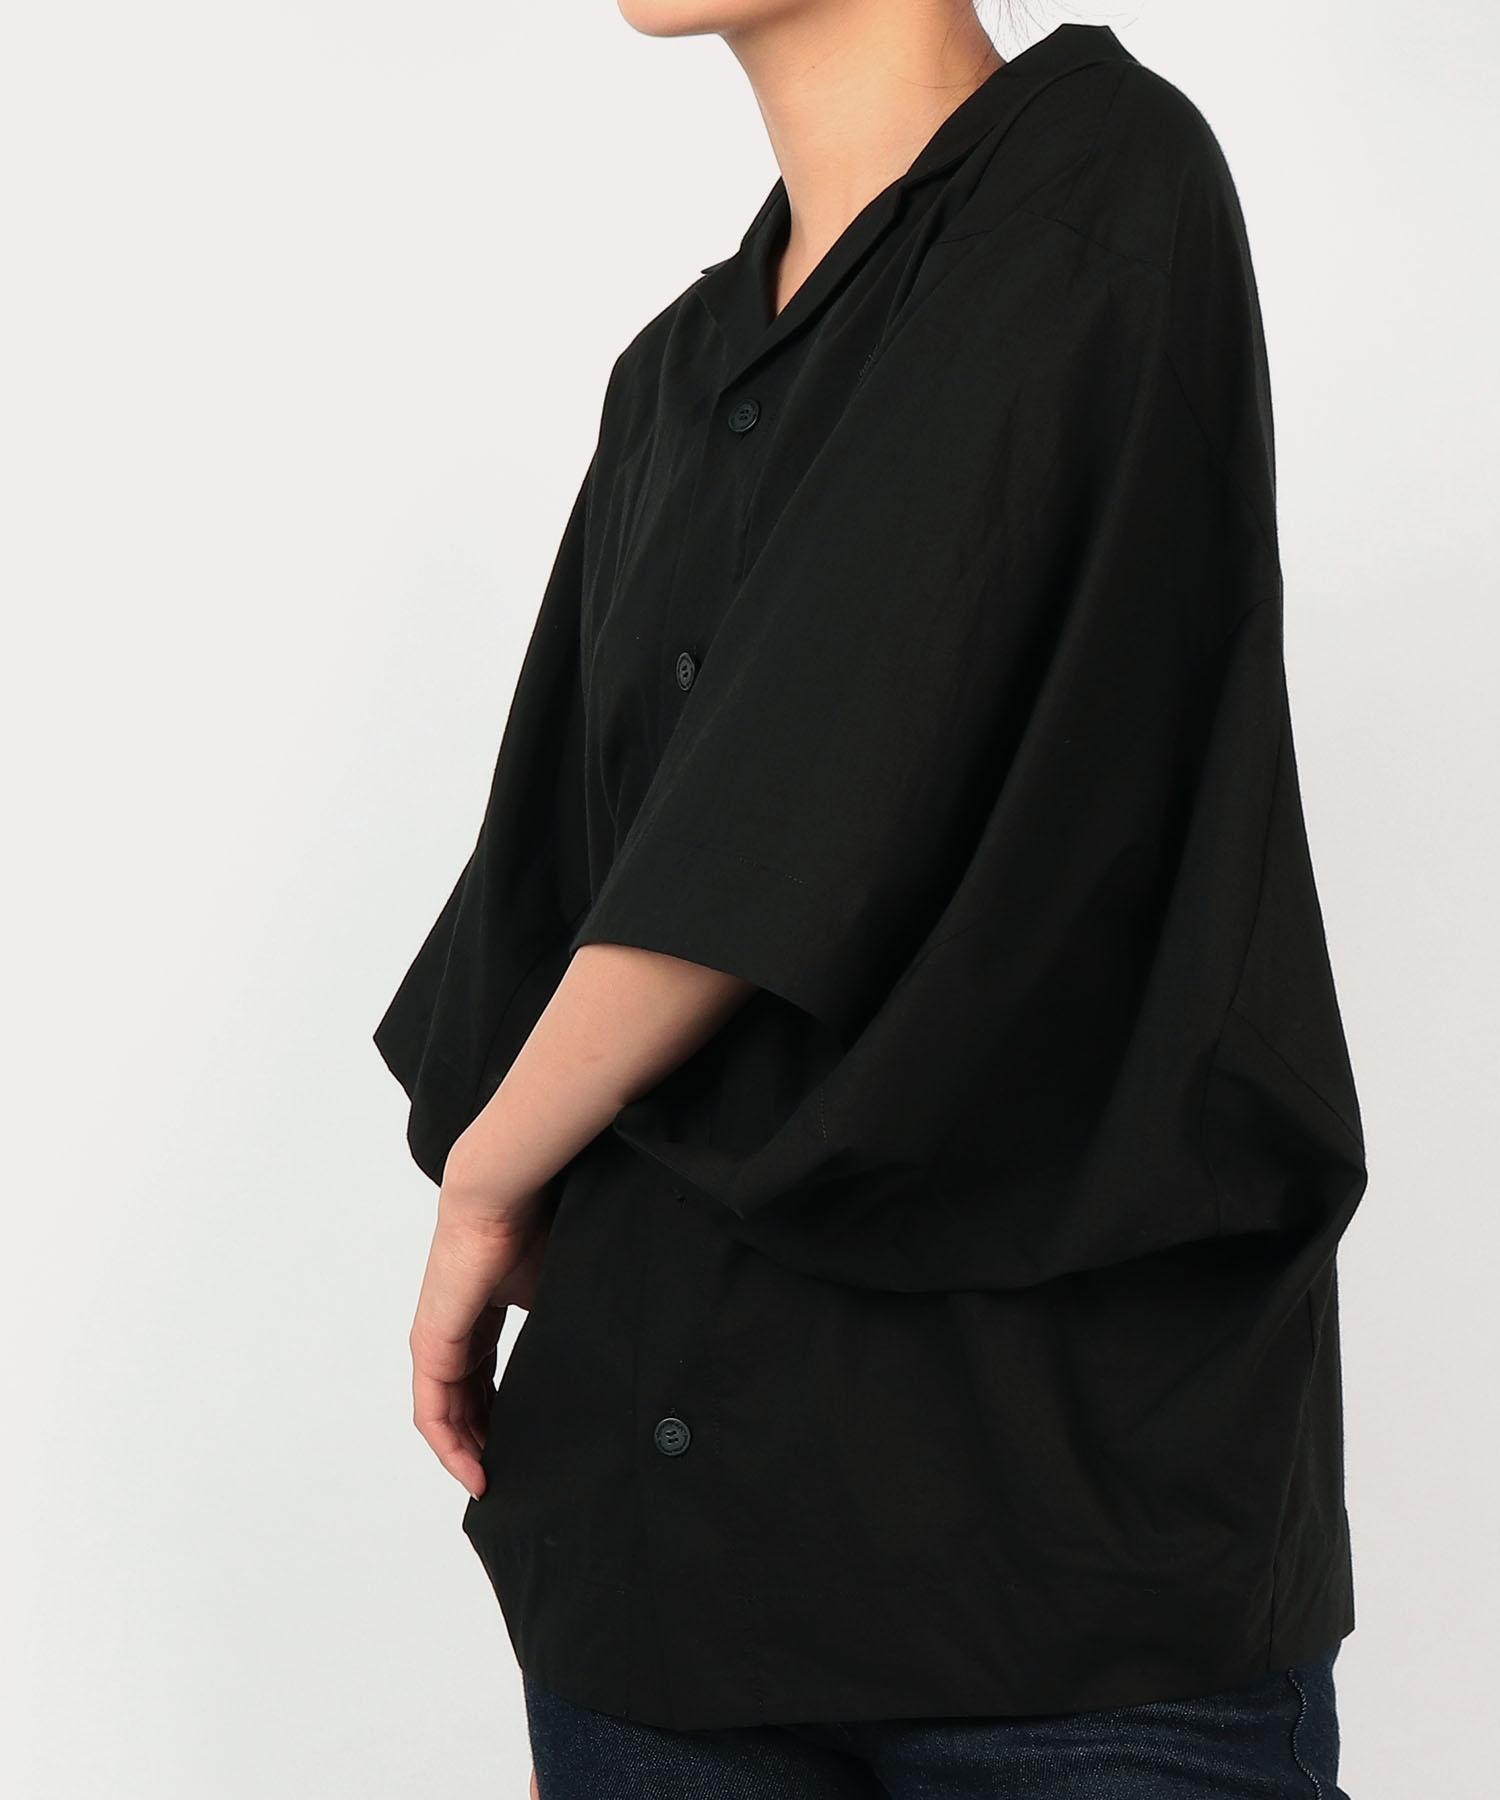 タイプライター オーバーサイズシャツ